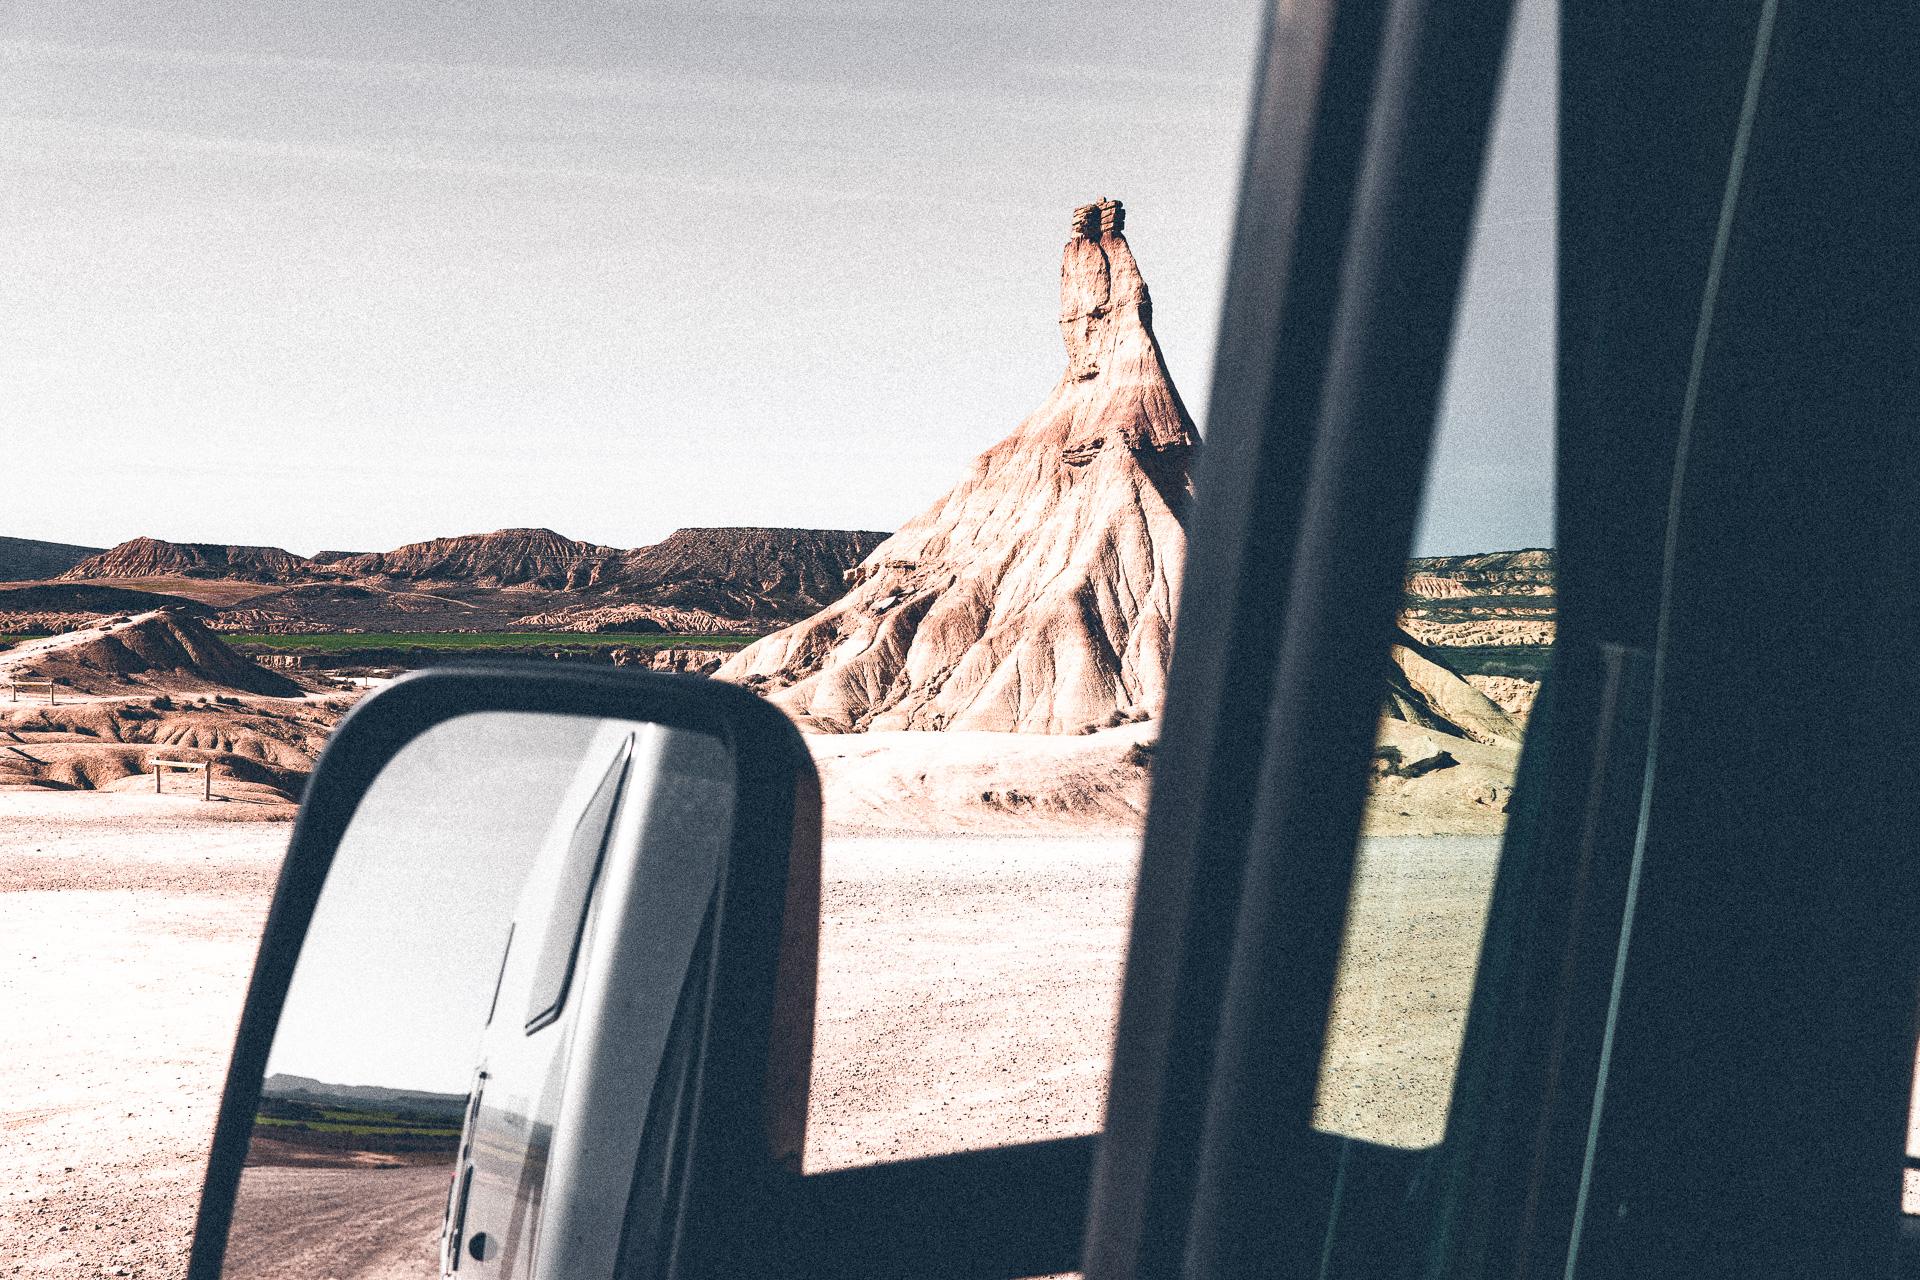 Wohl bekanntestes Bild der Halbwüste Bardenas Reales